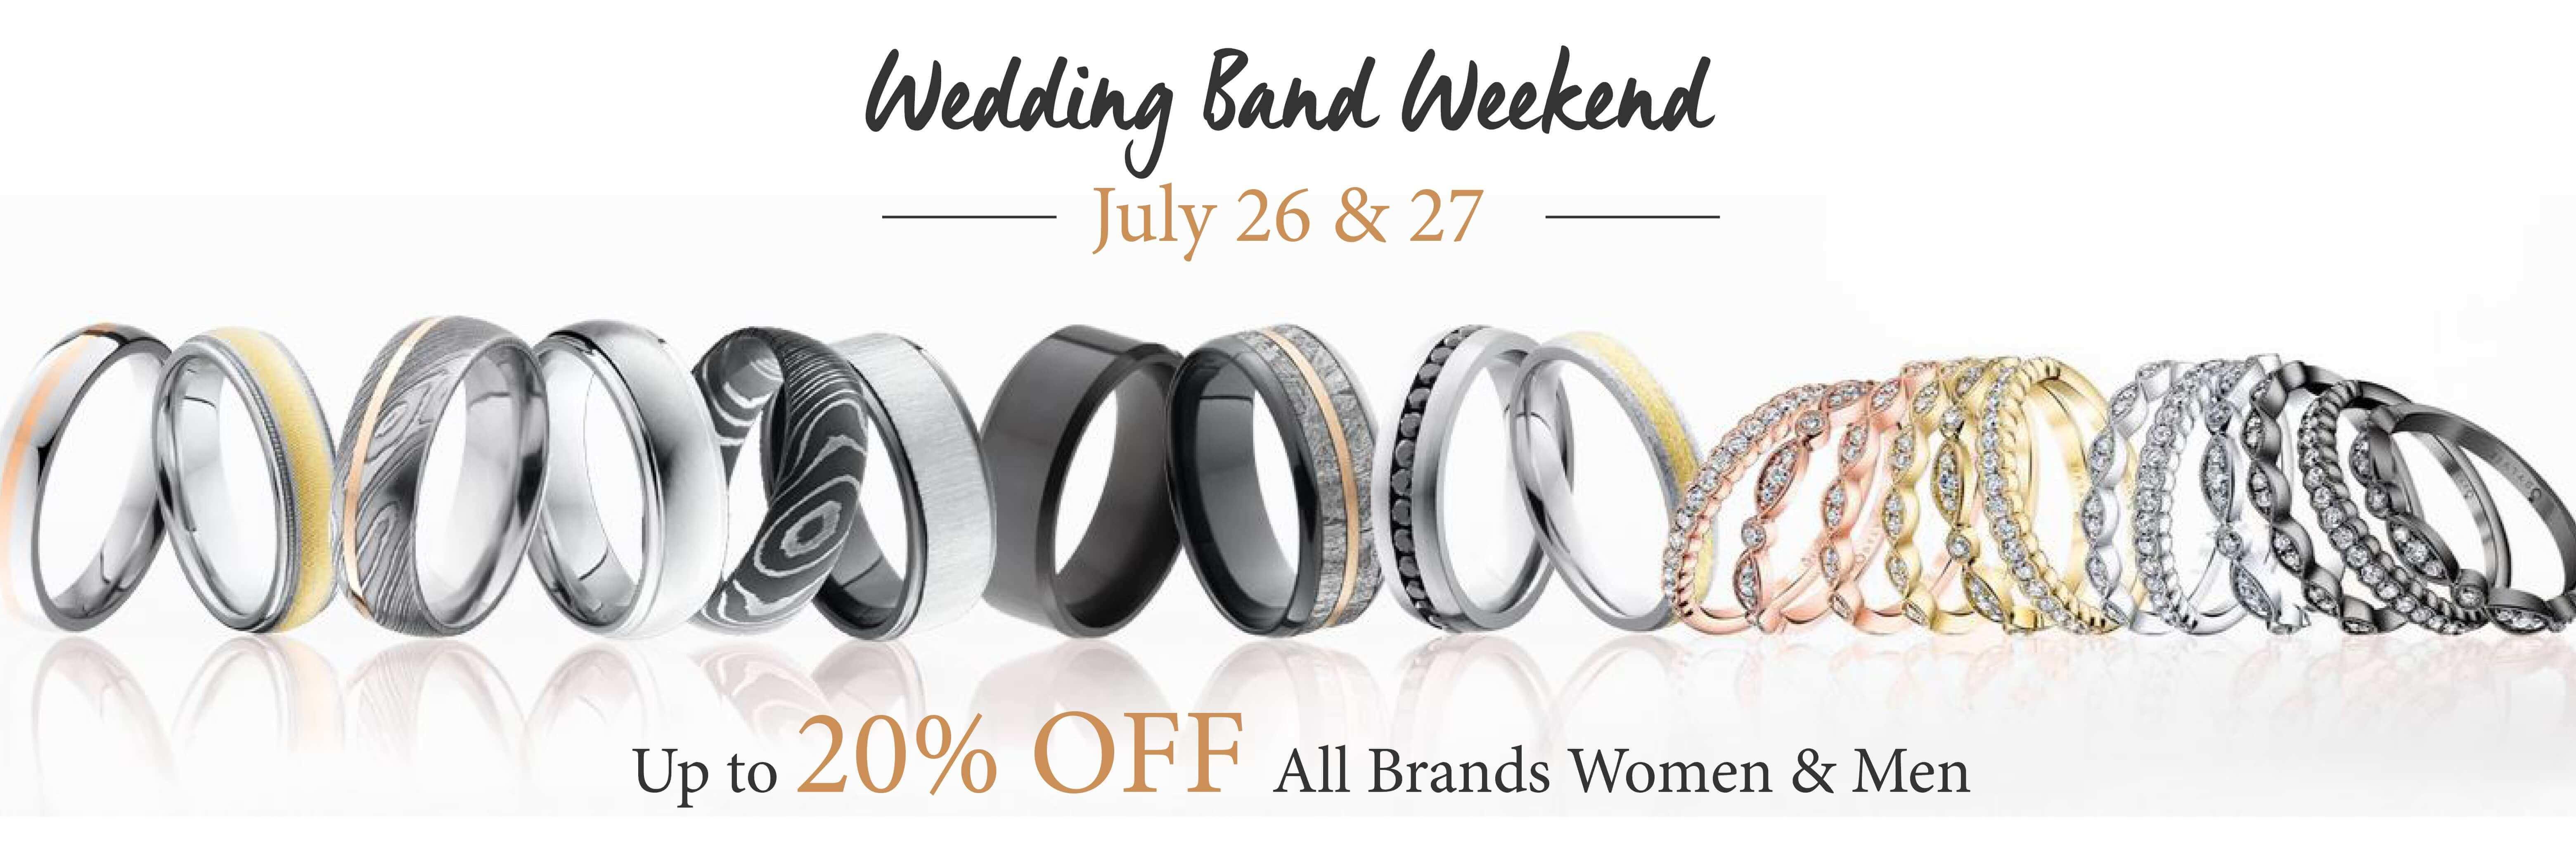 Wedding Band Weekend banner